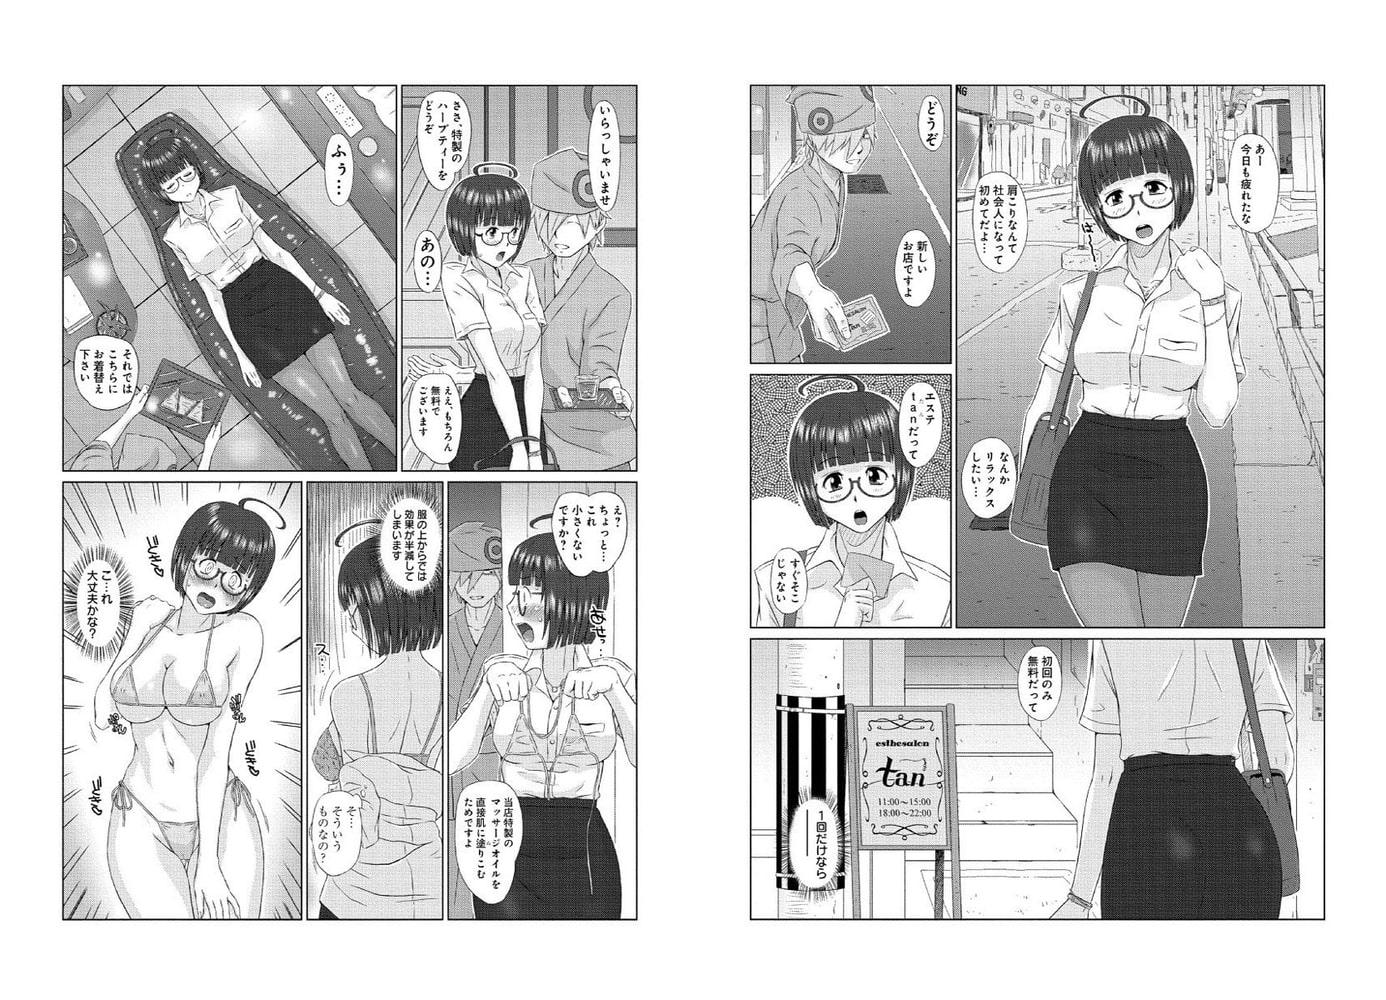 快感マッサージ師のカッチカチサービスでお客様昇天!? 合冊版